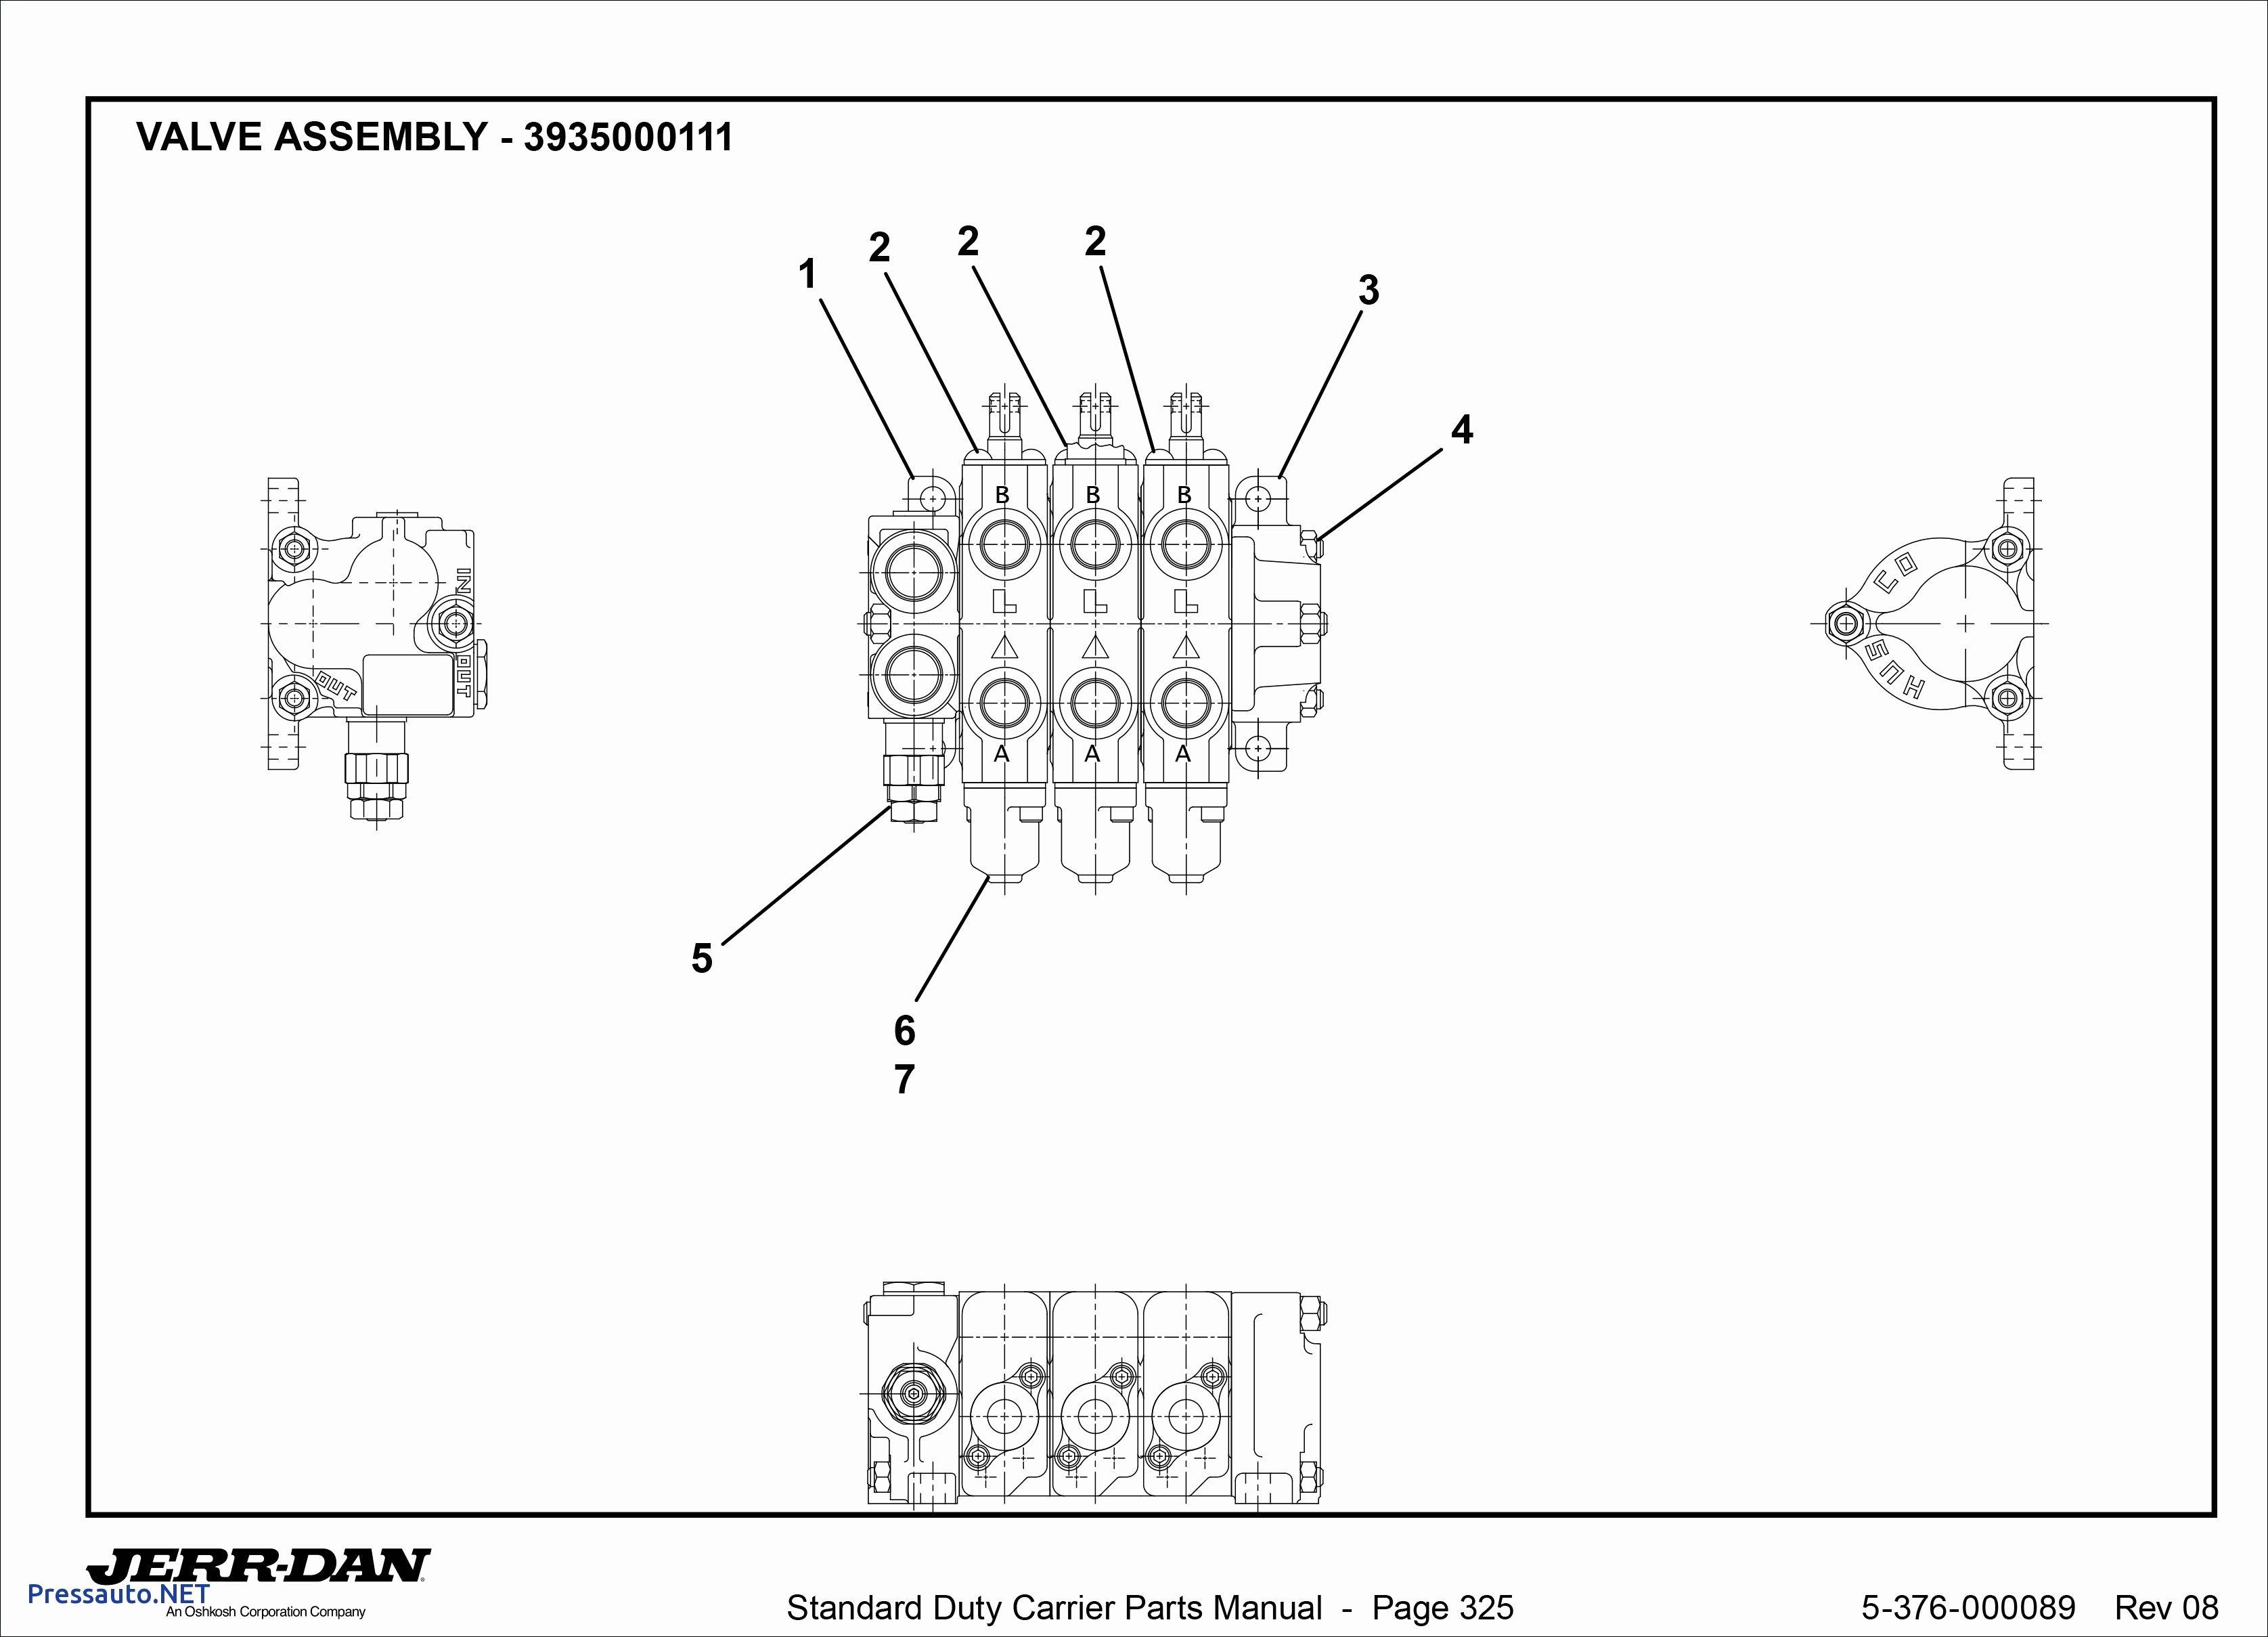 4 Pole Starter Solenoid Wiring Diagram | Wiring Diagram - 4 Pole Starter Solenoid Wiring Diagram